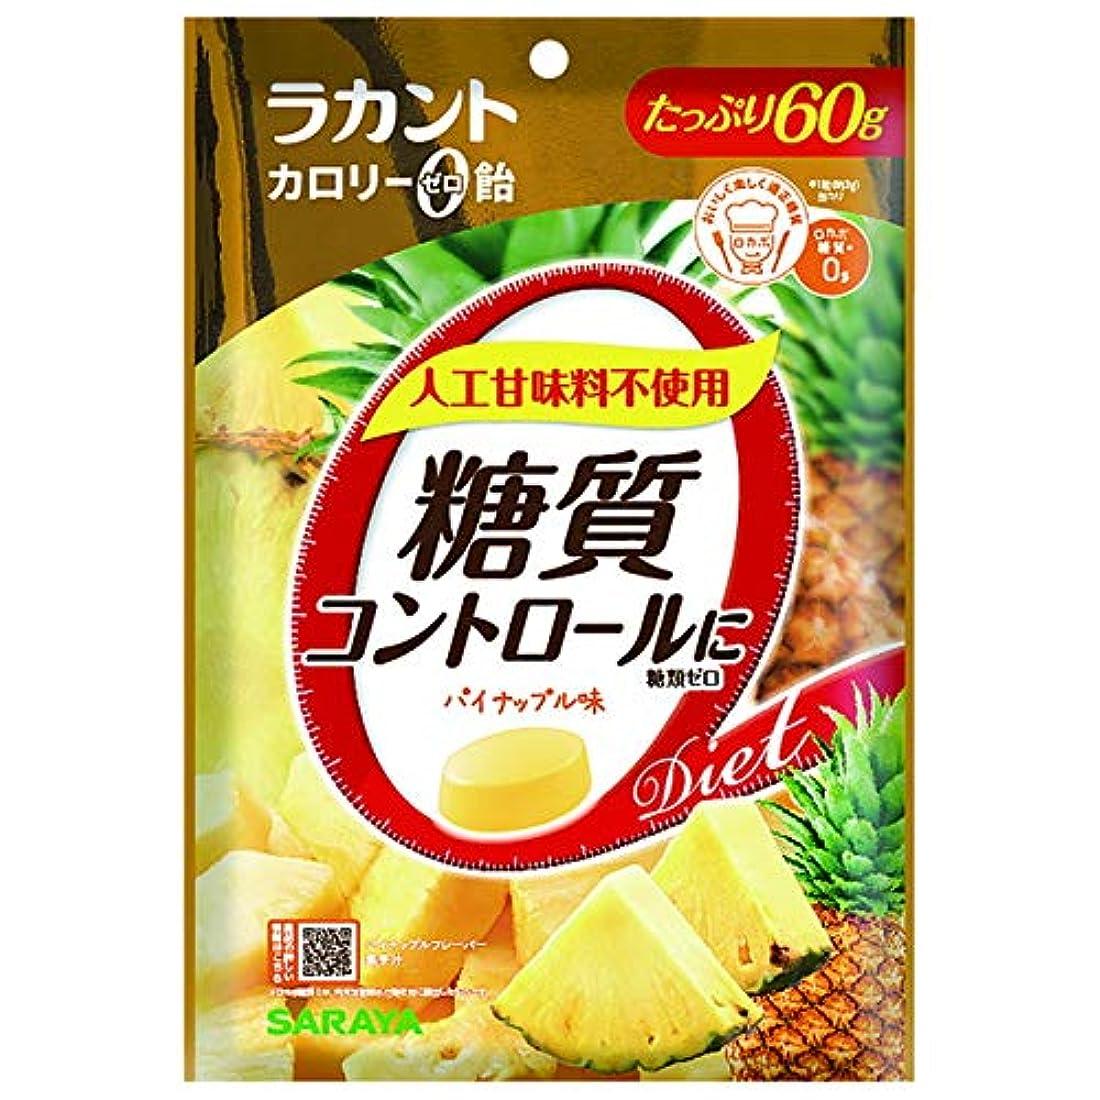 ジェットリーズモディッシュラカント カロリーゼロ飴 パイナップル 60g【3個セット】